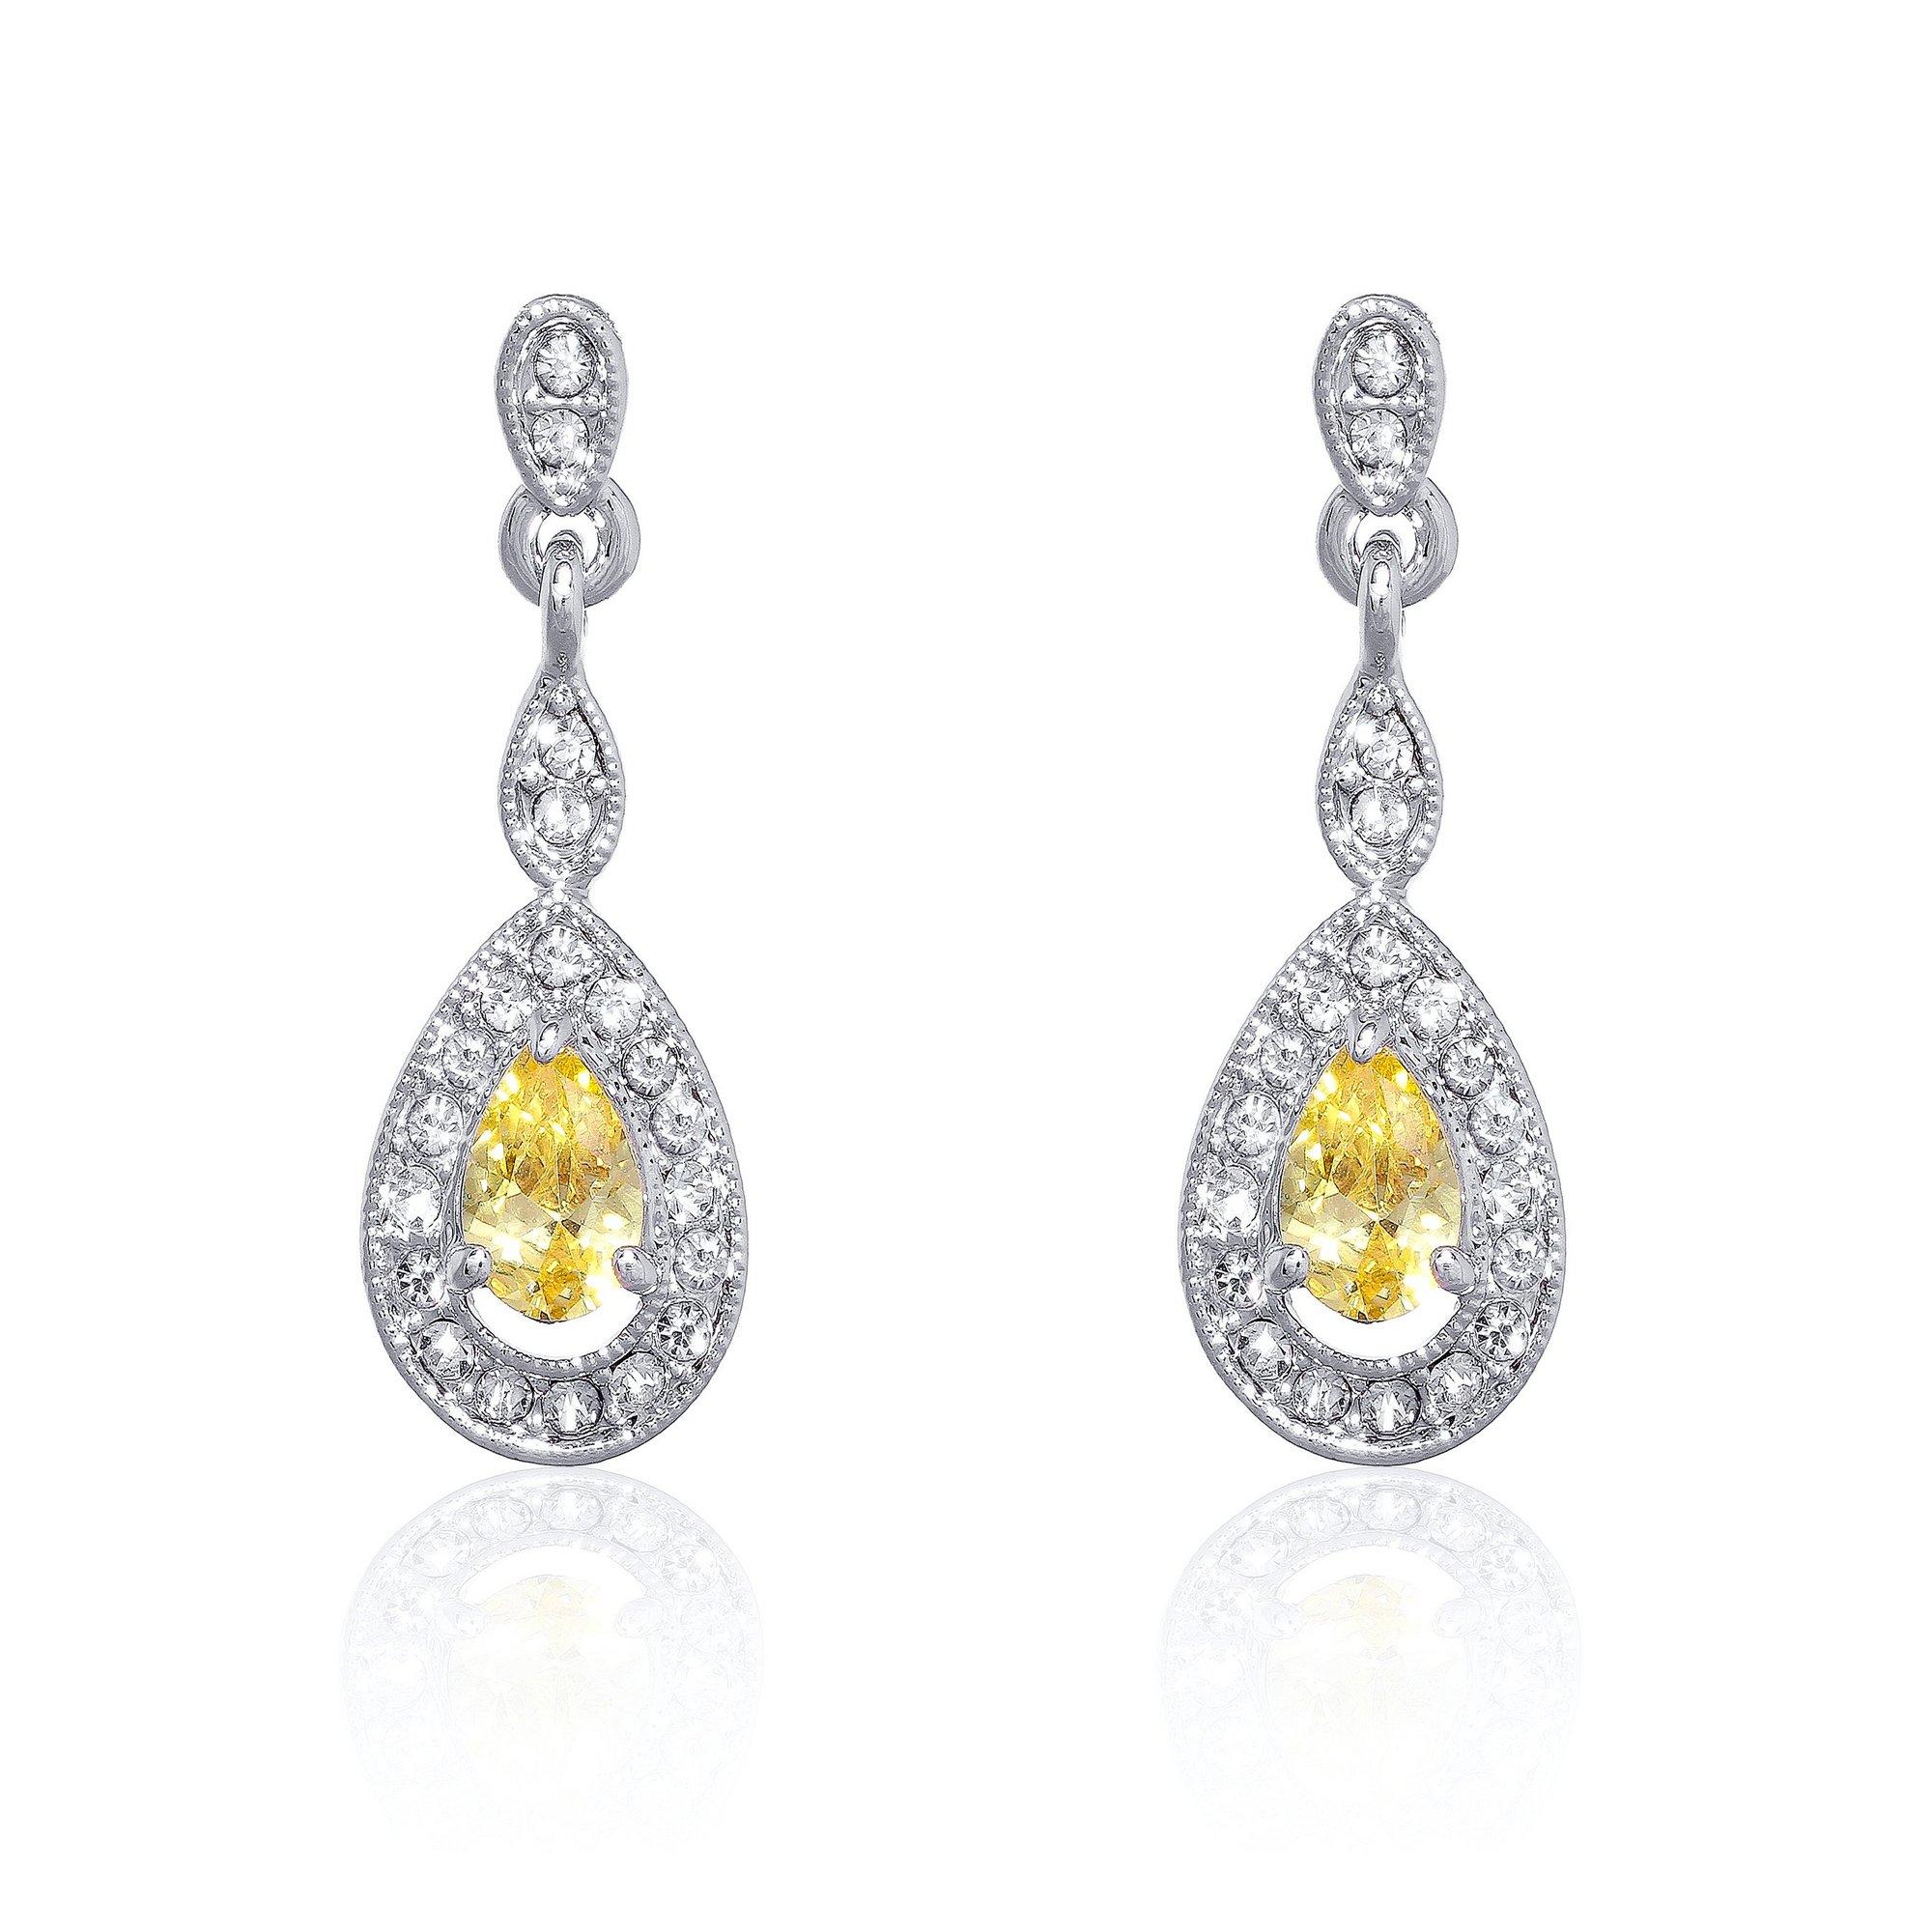 Image of Espree Elite Crystal and Citrine Drop Earrings